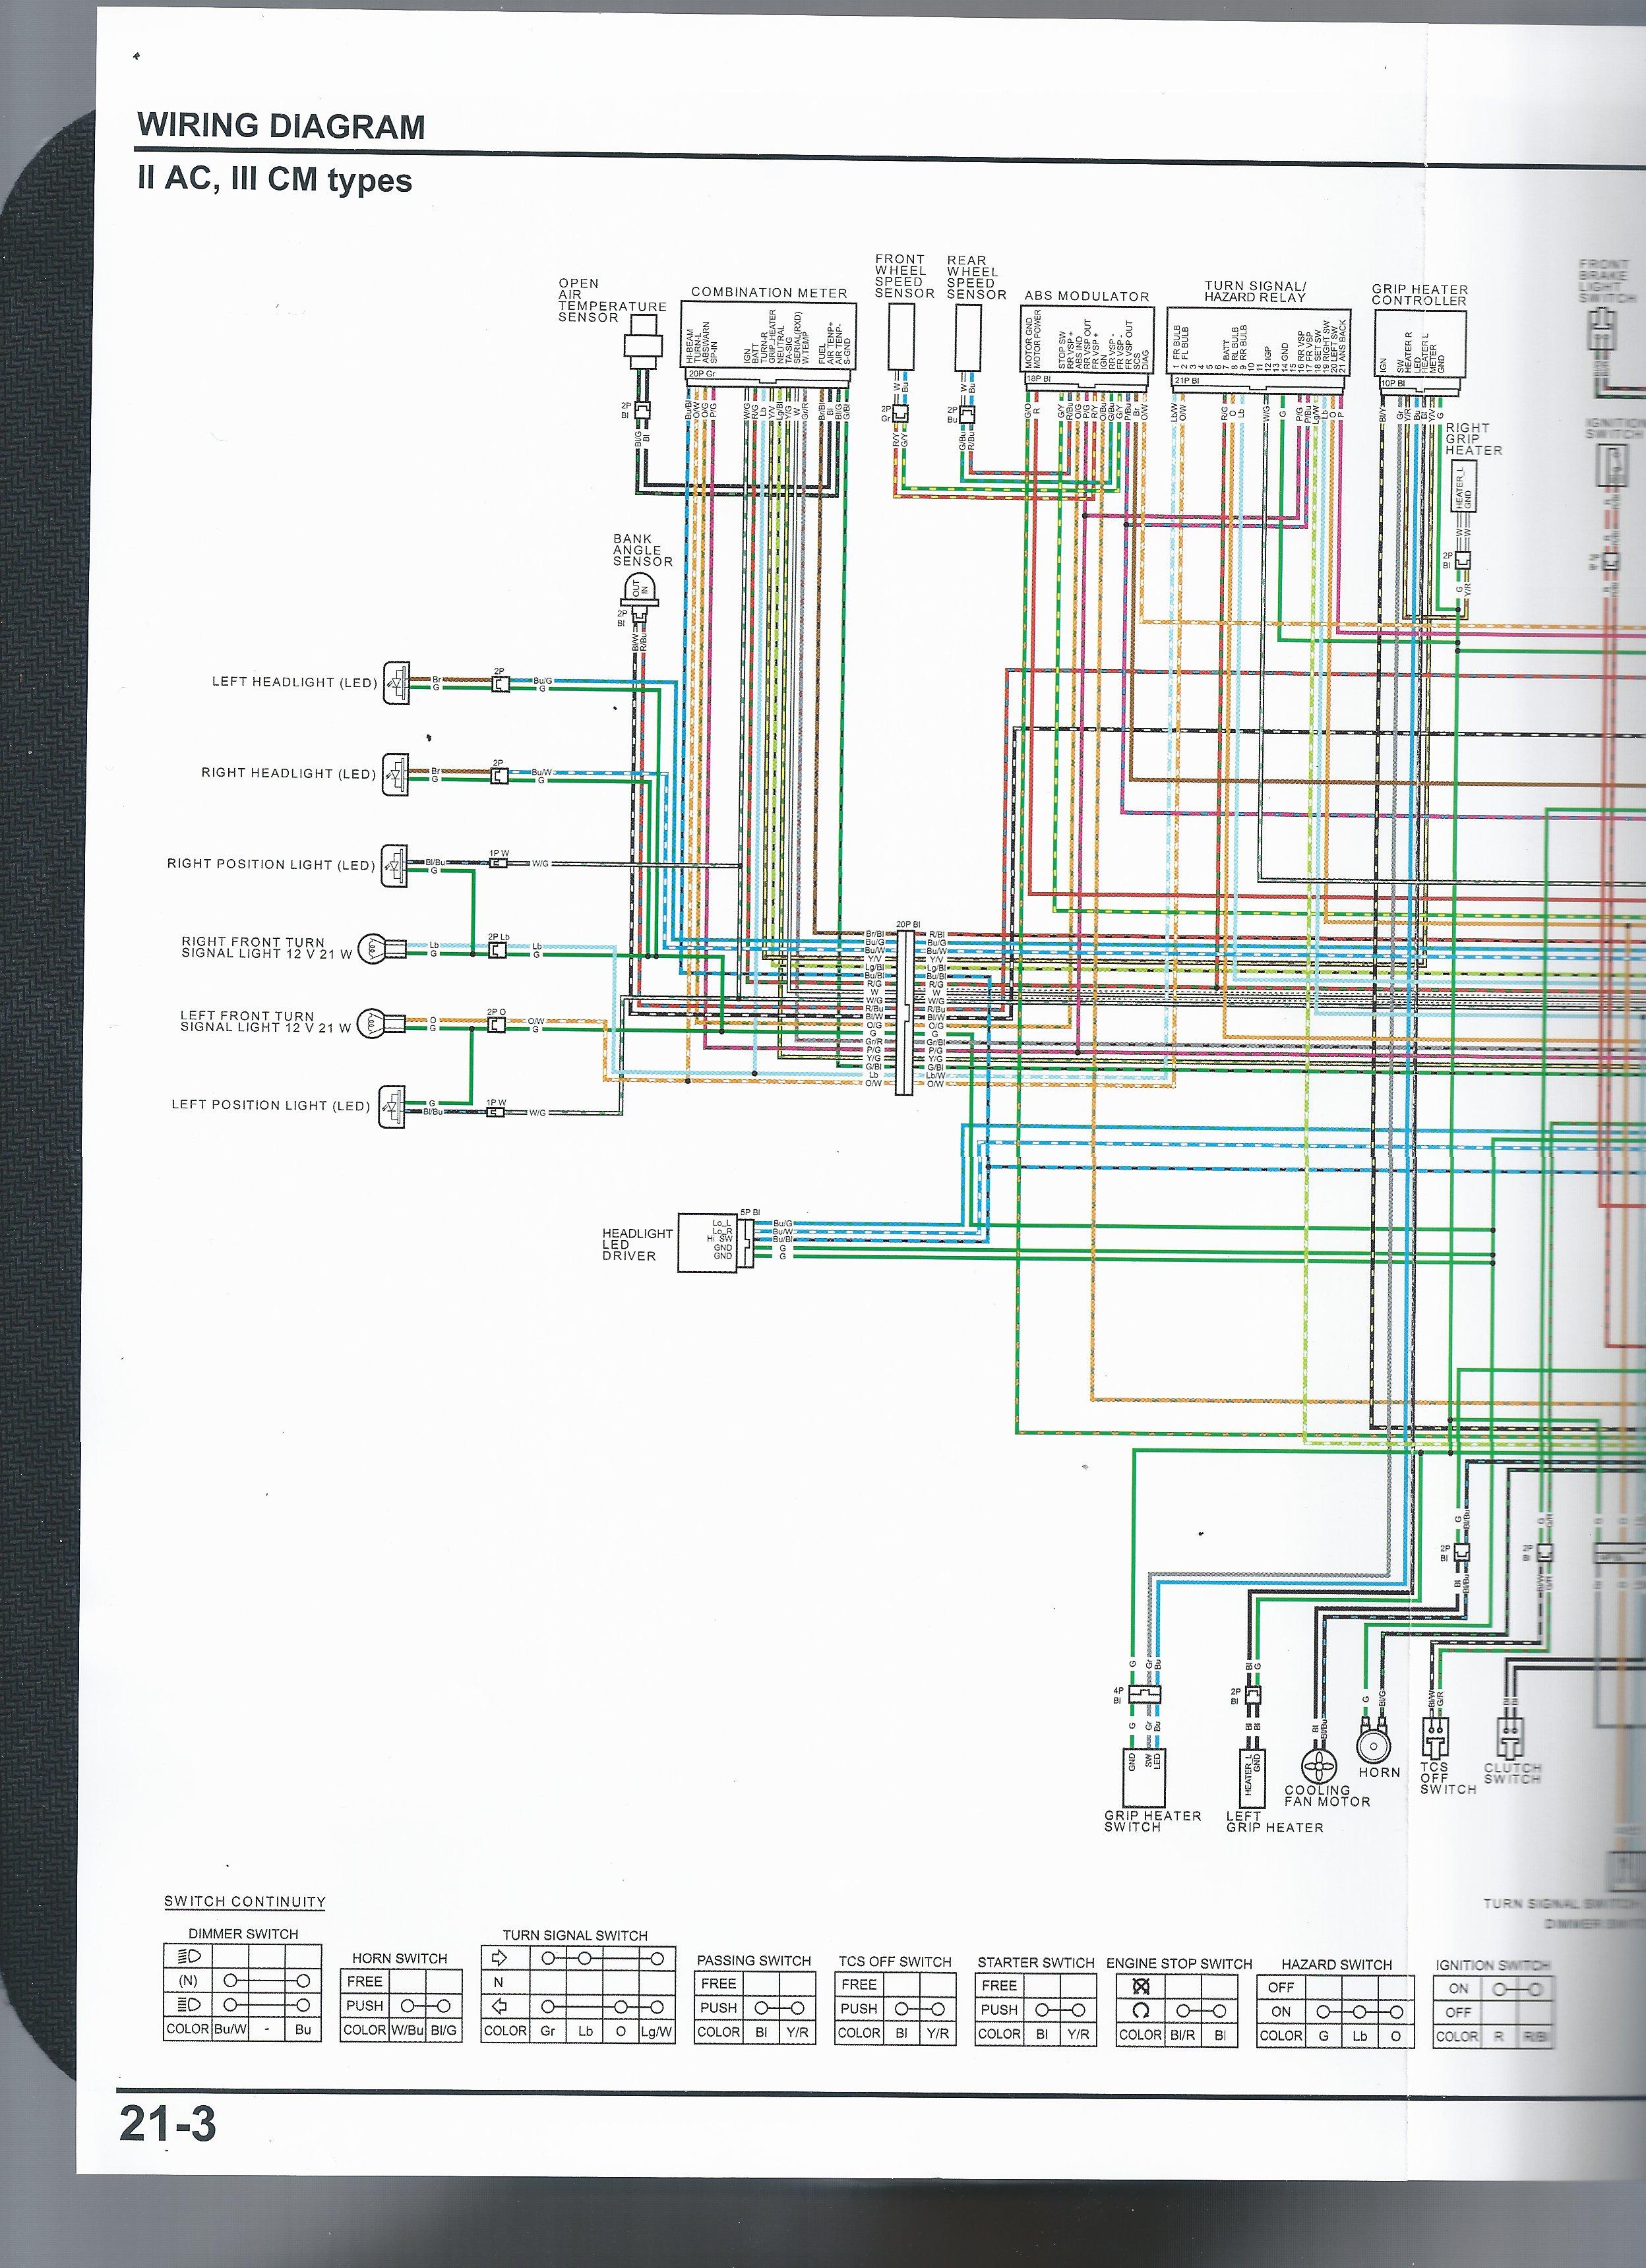 DIAGRAM] Honda N600 Wiring Diagram FULL Version HD Quality Wiring Diagram -  EBOOKGIFTS.DUNAMIX.FRebookgifts.dunamix.fr